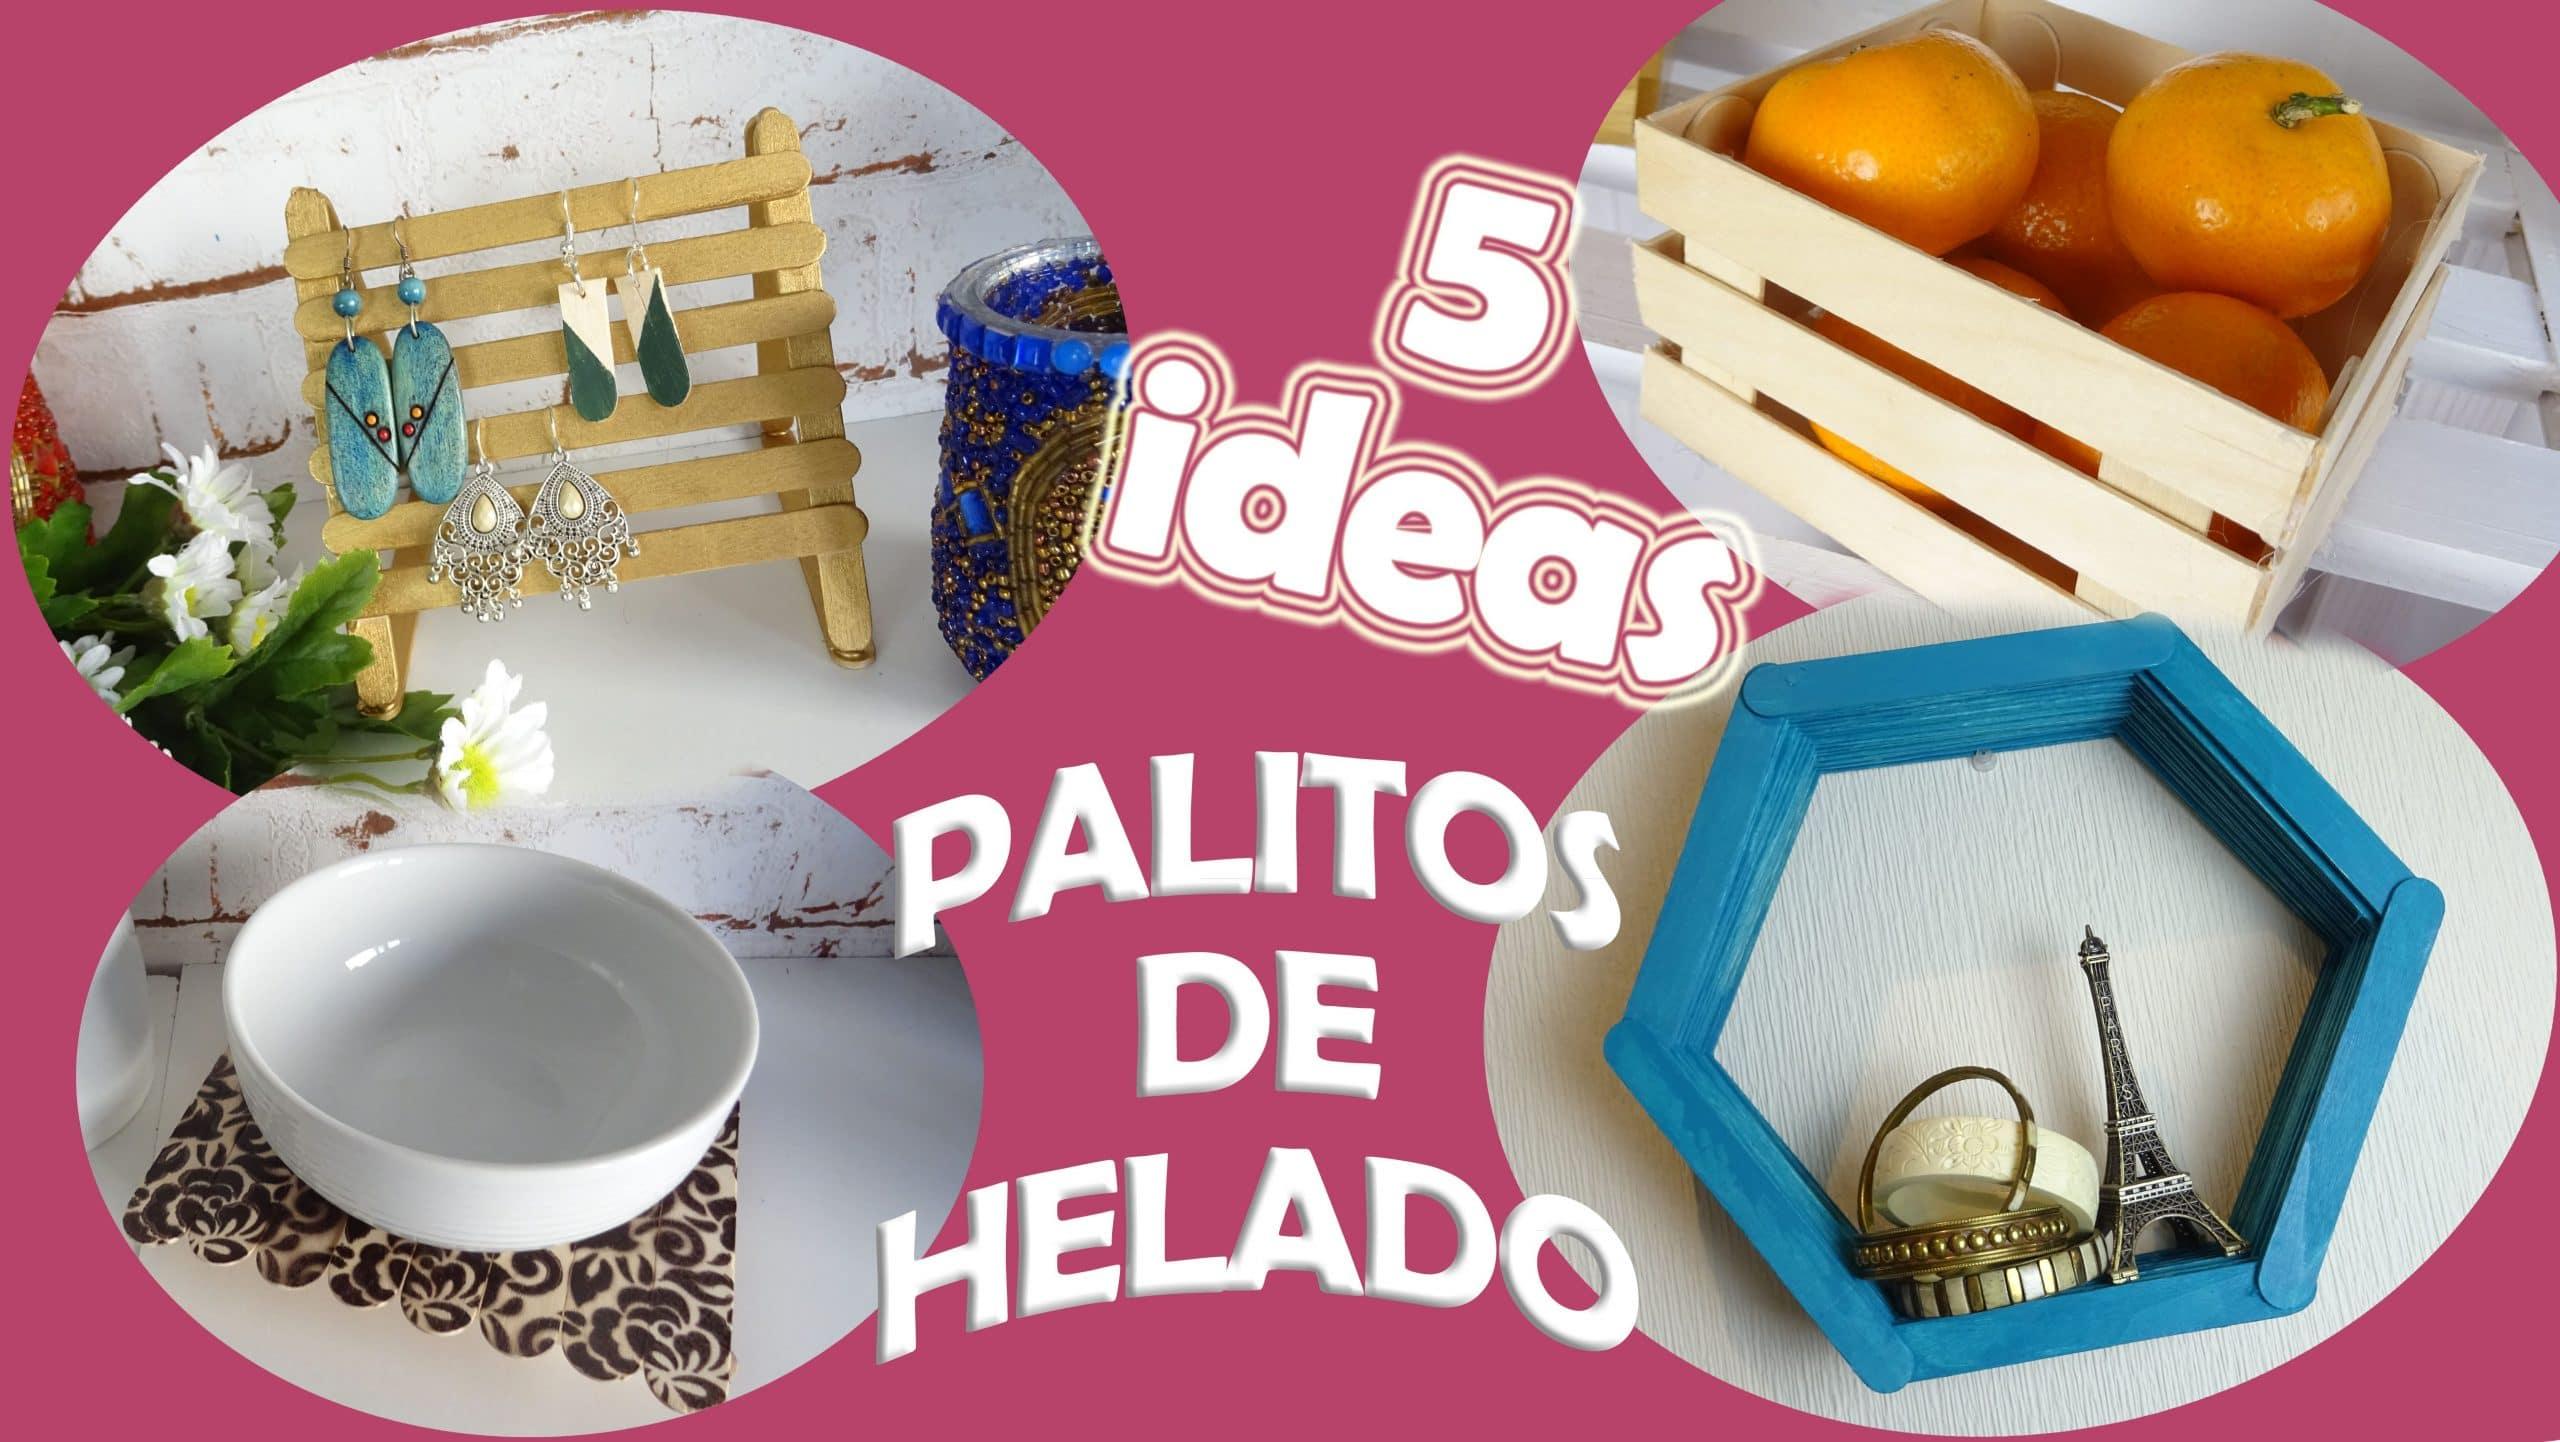 5 ideas decorativas con palitos de helado f ciles for Ideas decorativas economicas